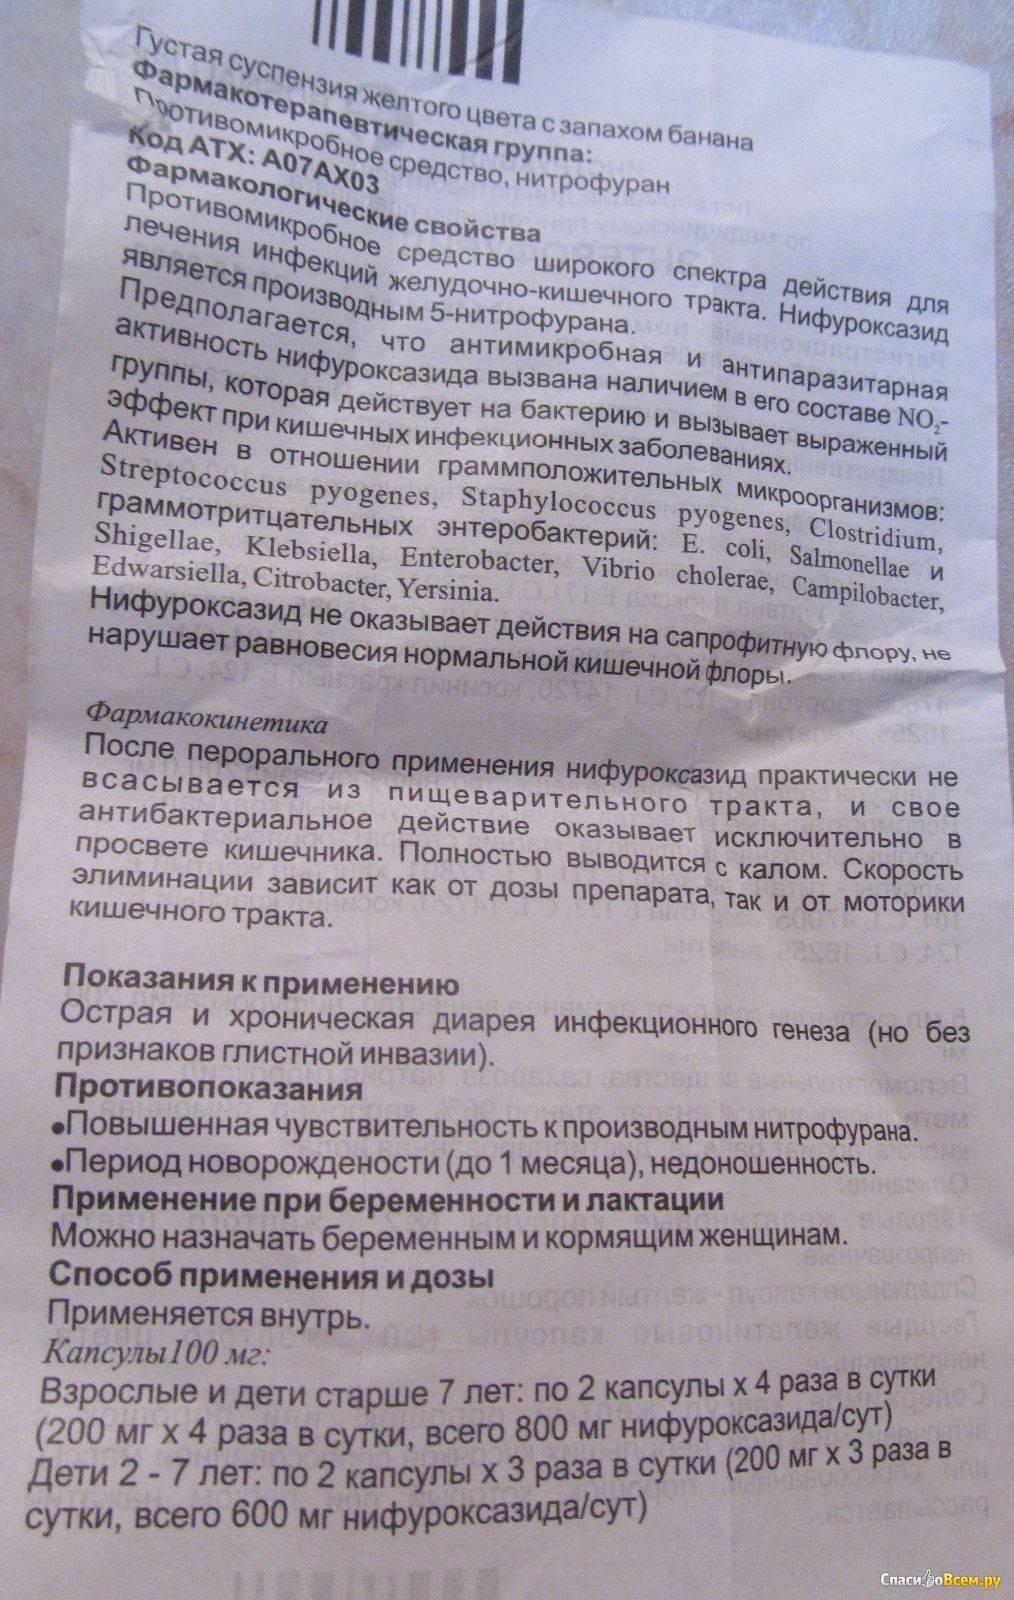 Бисептол - инструкция по применению и показания к приему в суспензии и таблетках для детей или взрослых | полезно знать | healthage.ru